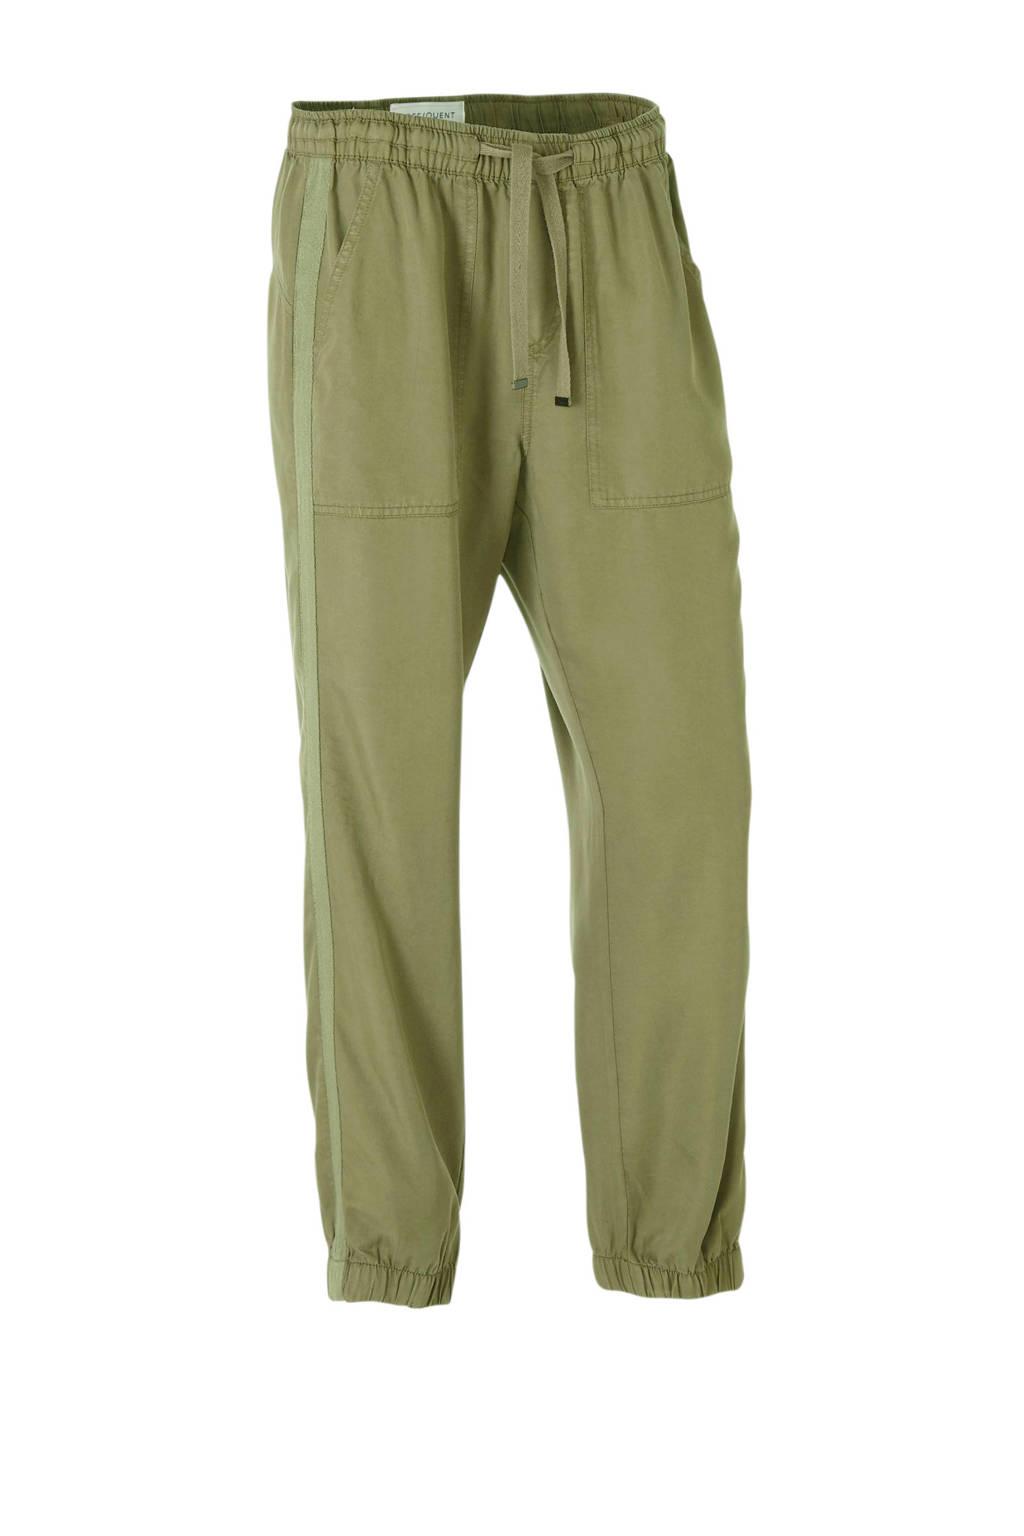 FREEQUENT high waist slim fit broek met zijstreep olijfgroen, Olijfgroen